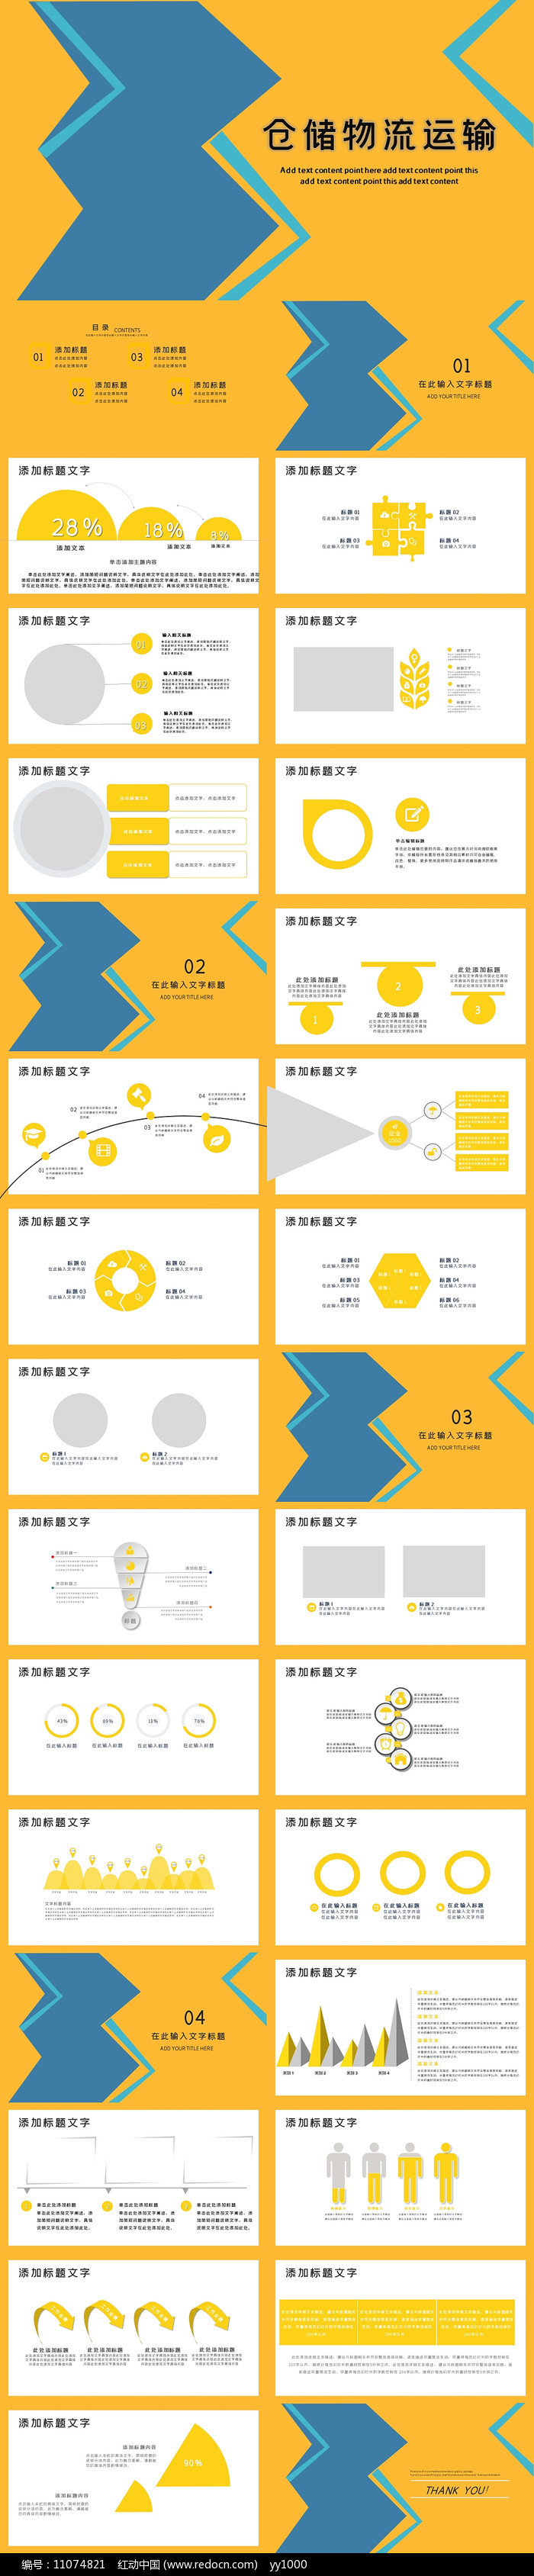 书香中国读书分享PPT模板